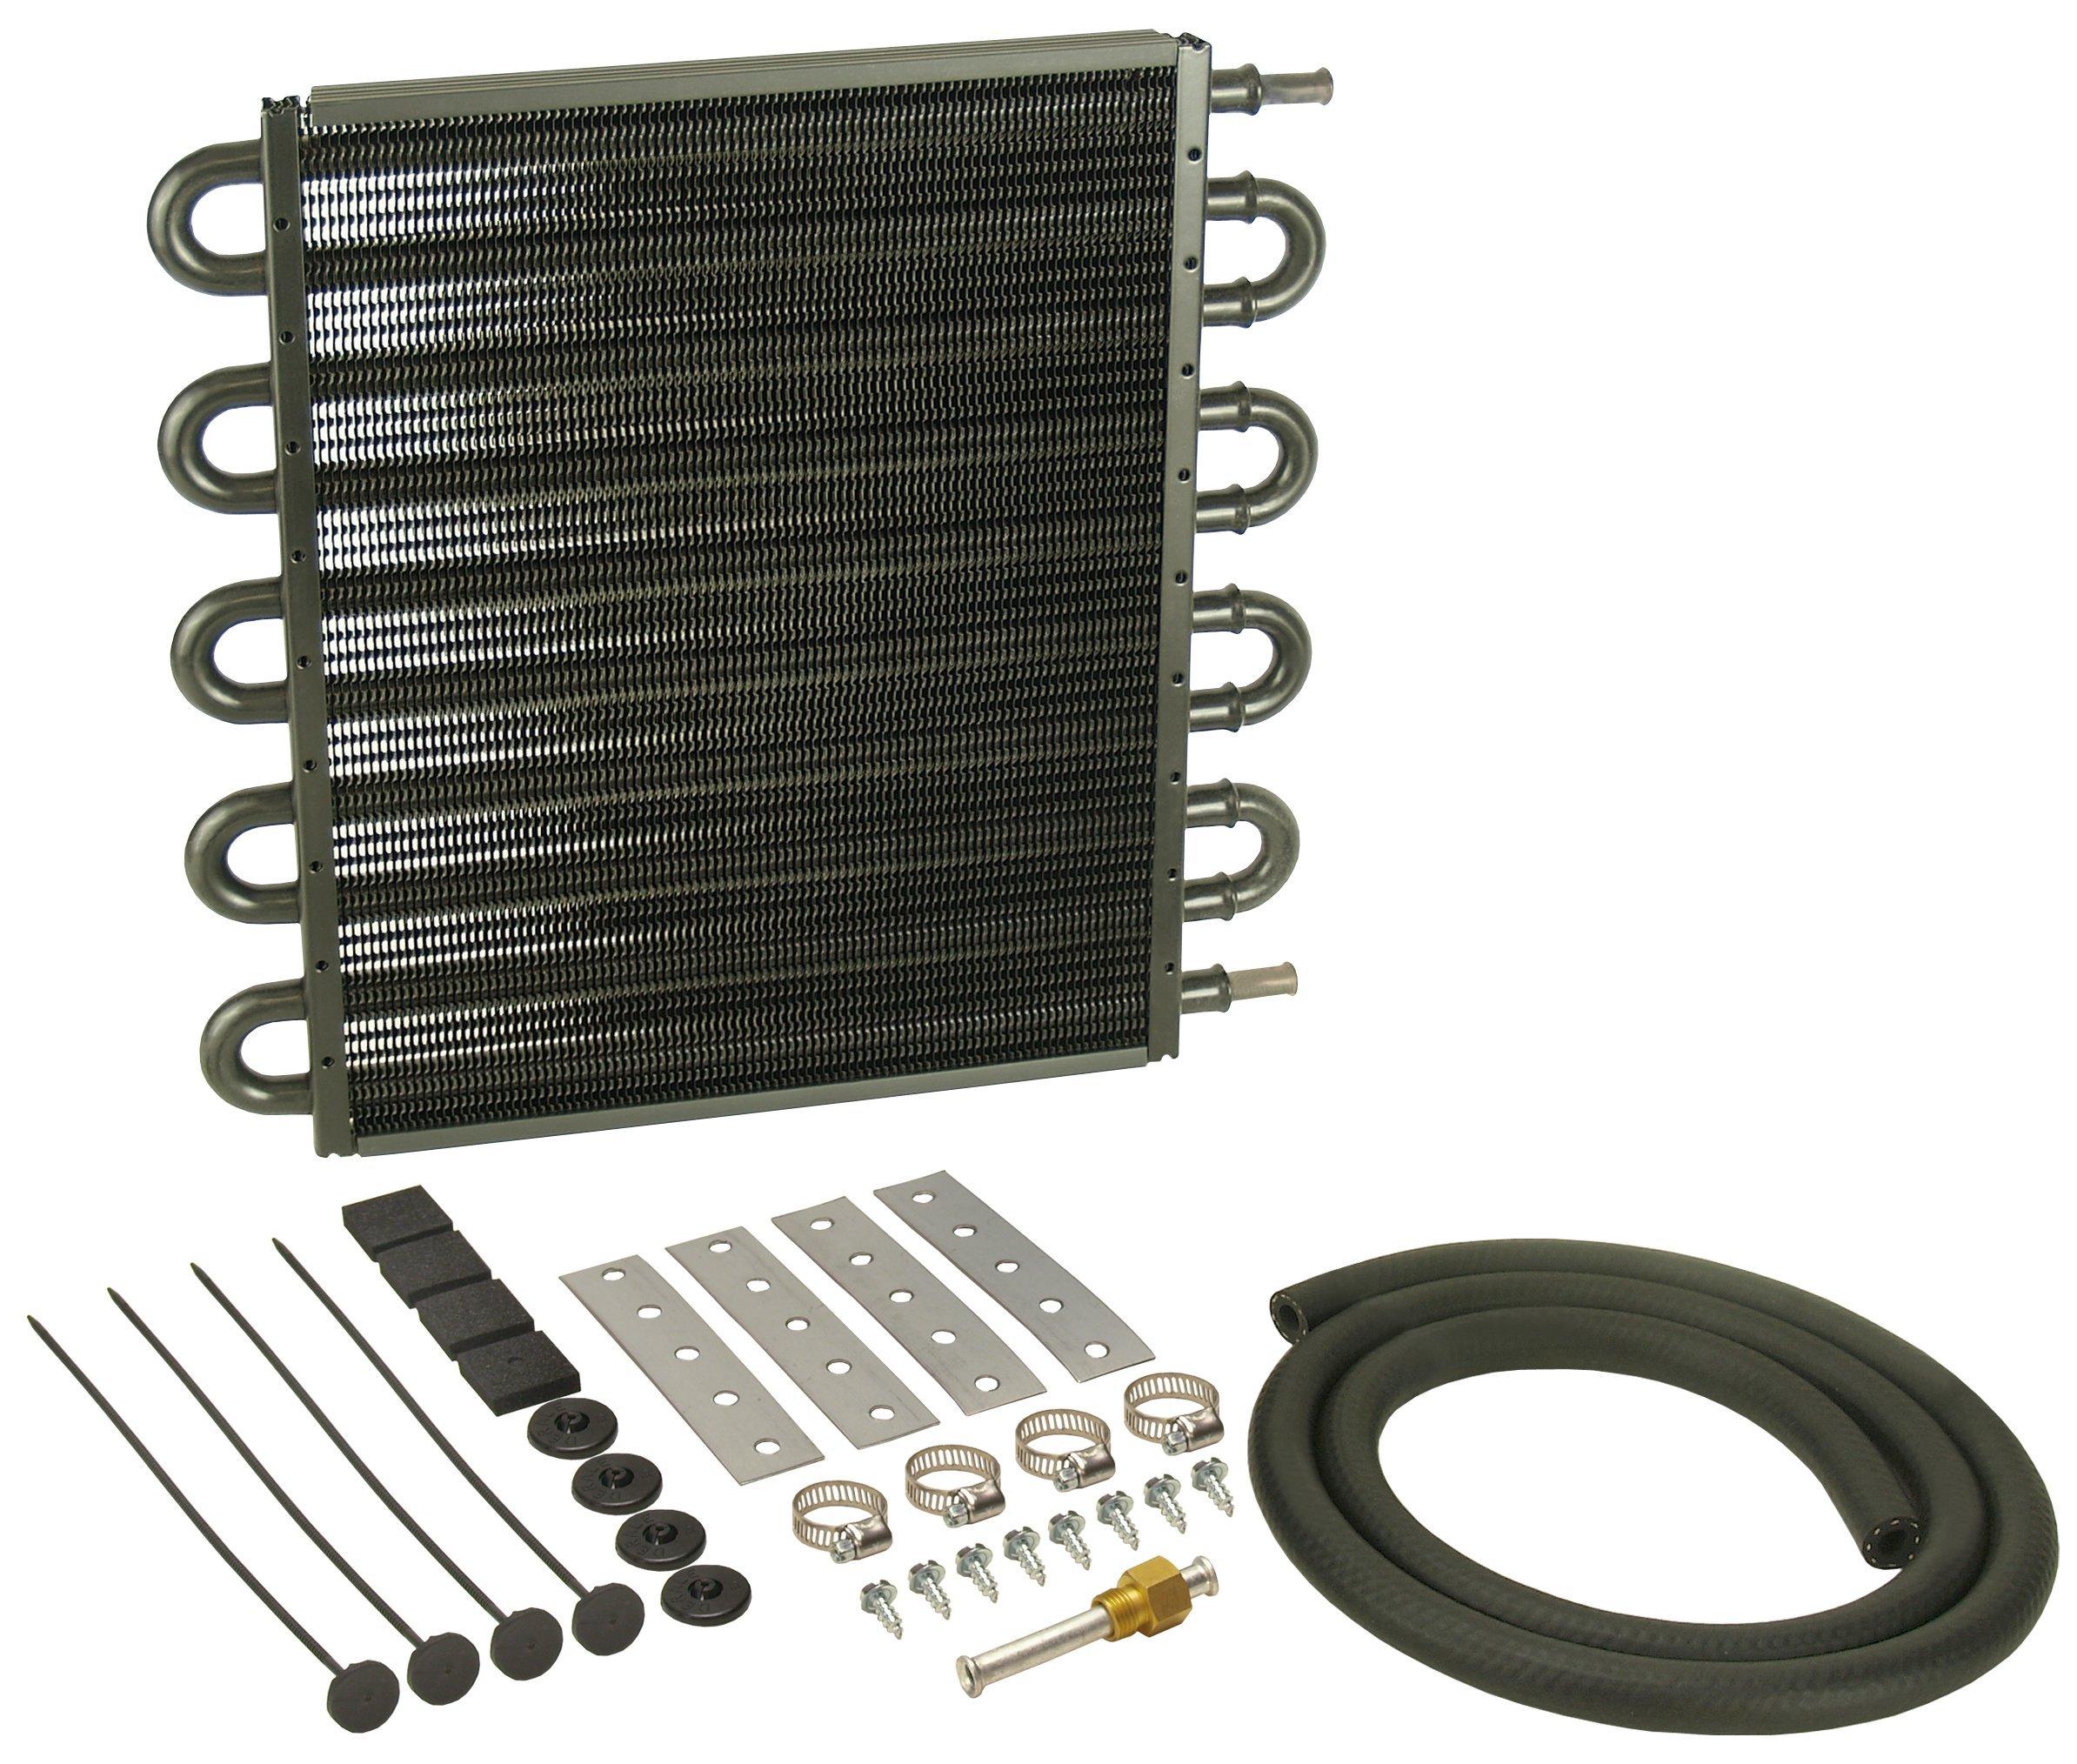 Derale 13208 Series 7000 Transmission Oil Cooler